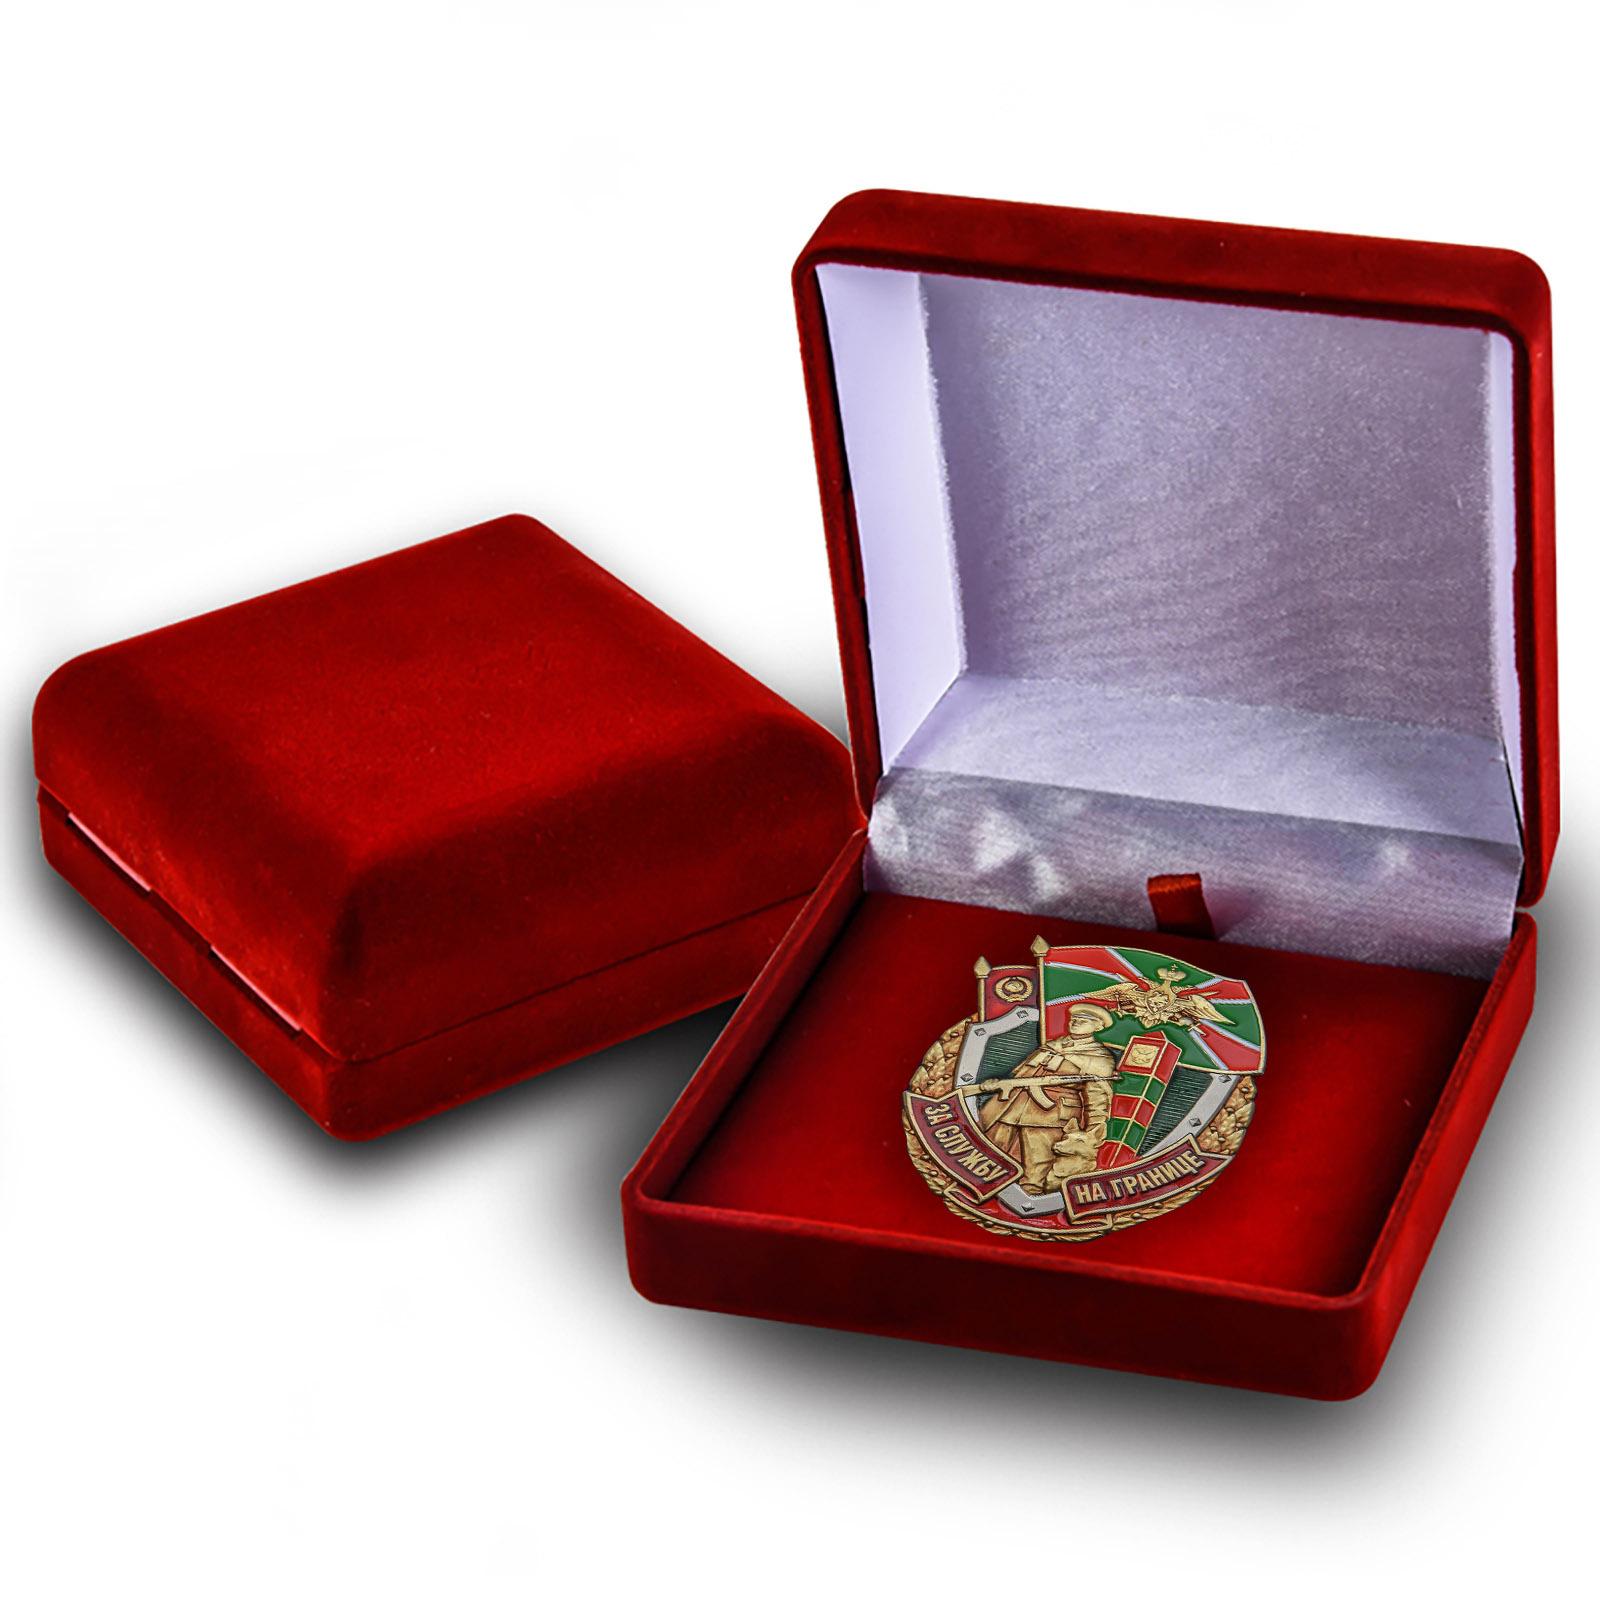 Заказать футляры для медалей и орденов в интернет магазине